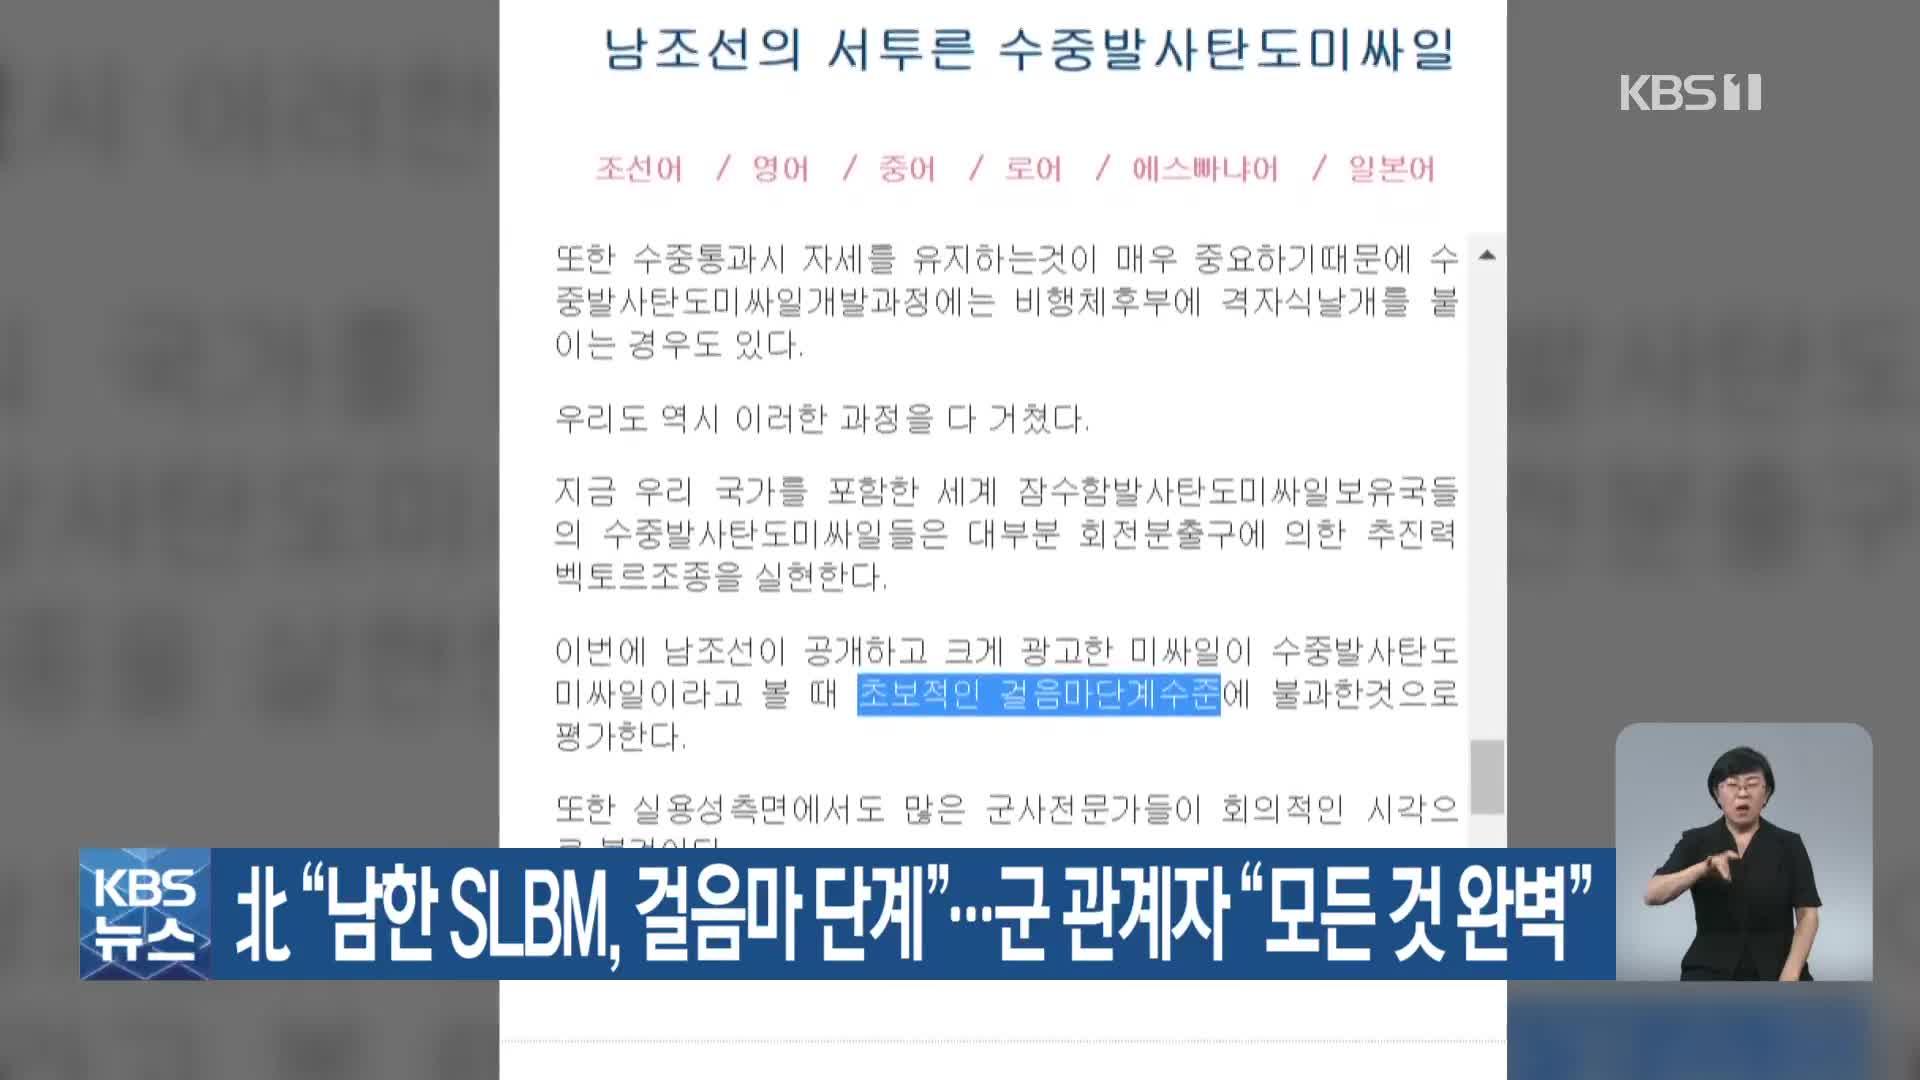 """北 """"남한 SLBM, 걸음마 단계""""…軍 관계자 """"모든 것 완벽"""""""